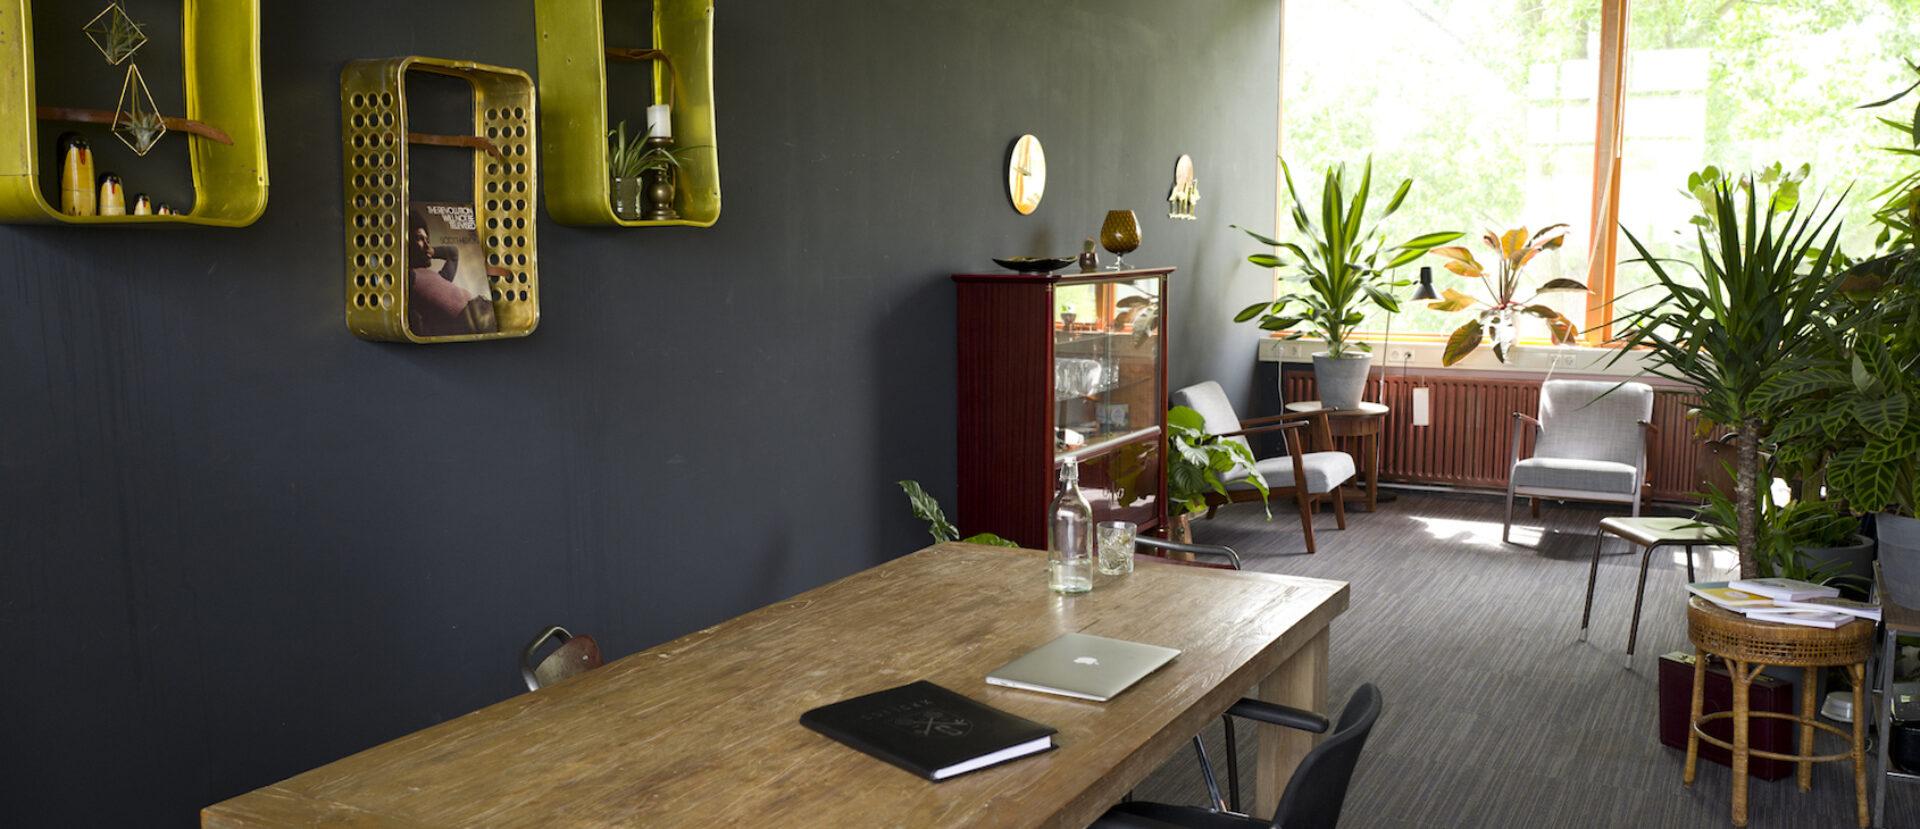 Mr Gulickx (nl), MG Website Beeld selectie 01 CONTACT